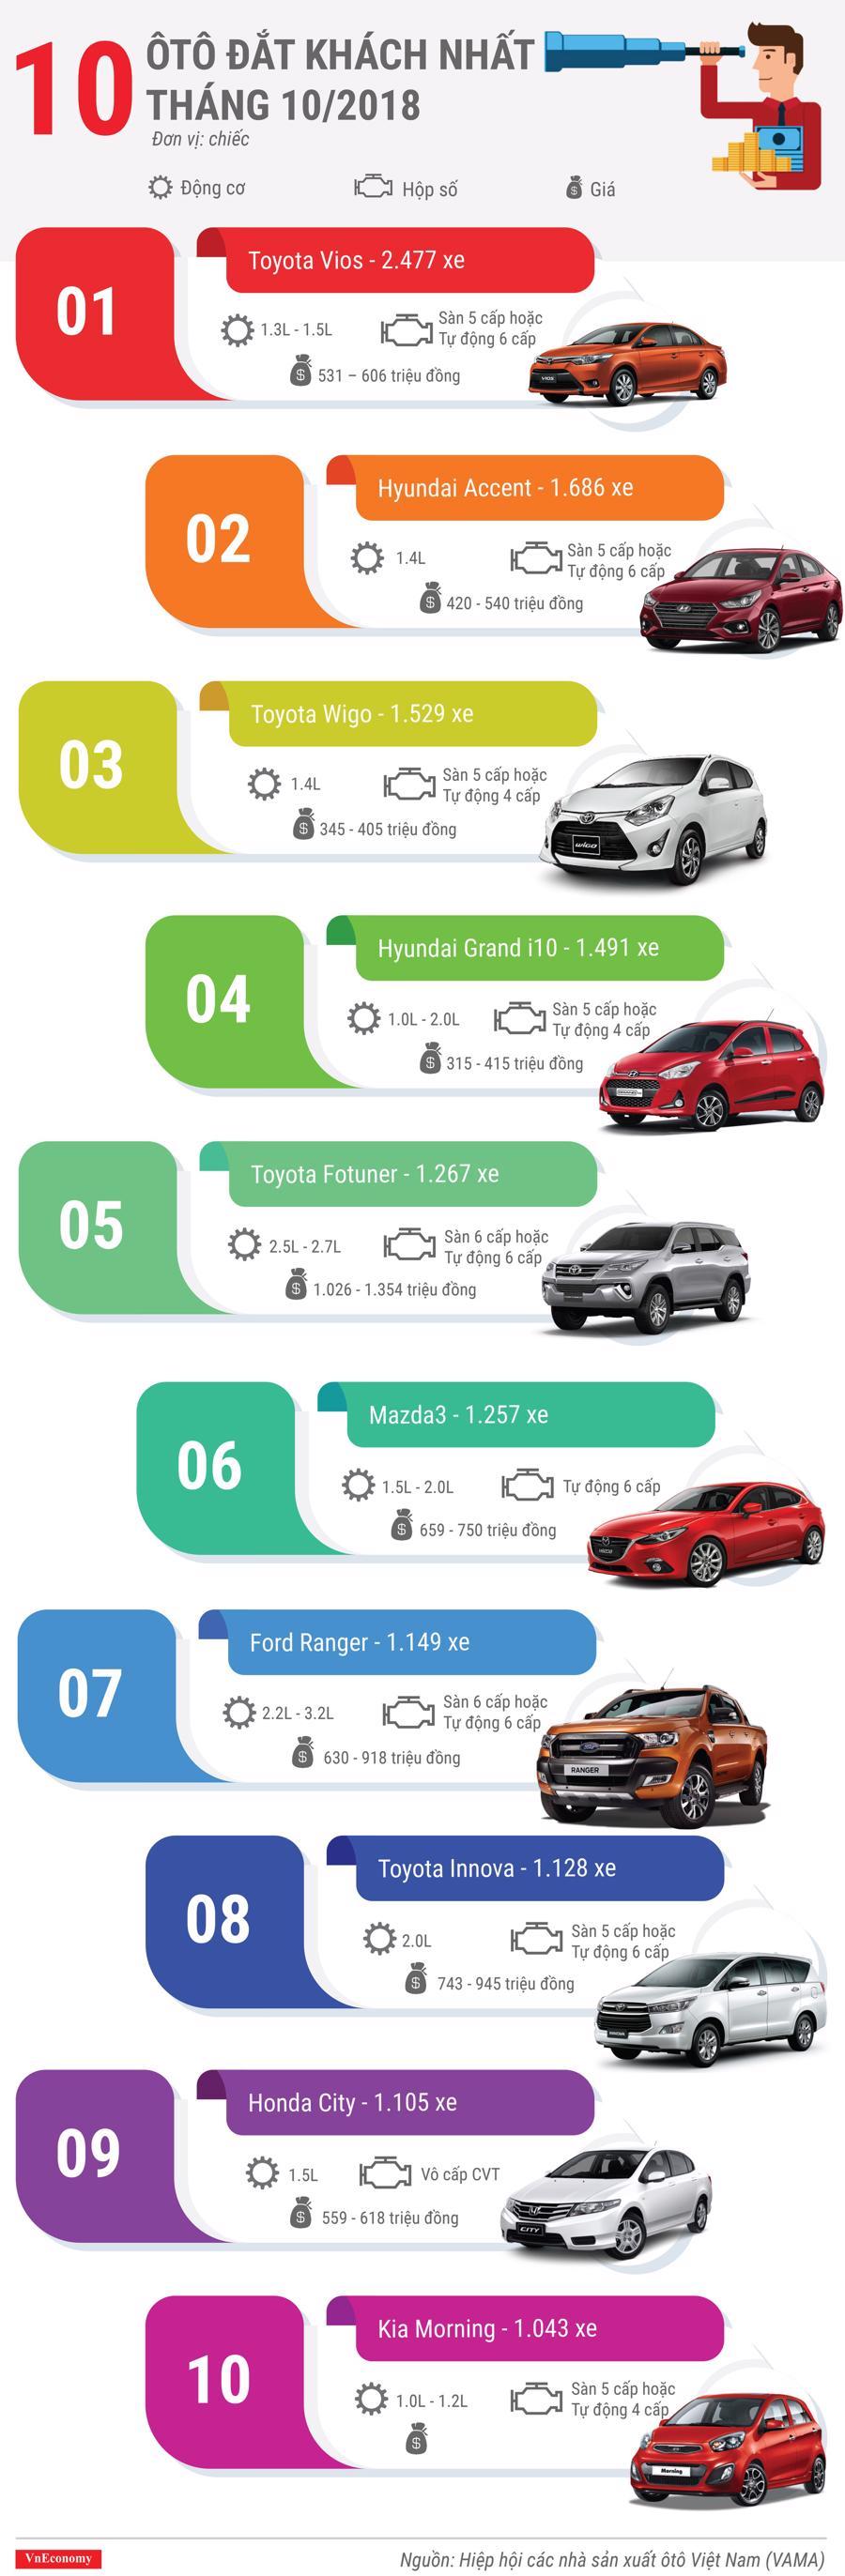 10 ôtô đắt khách nhất tháng 10/2018 - Ảnh 1.